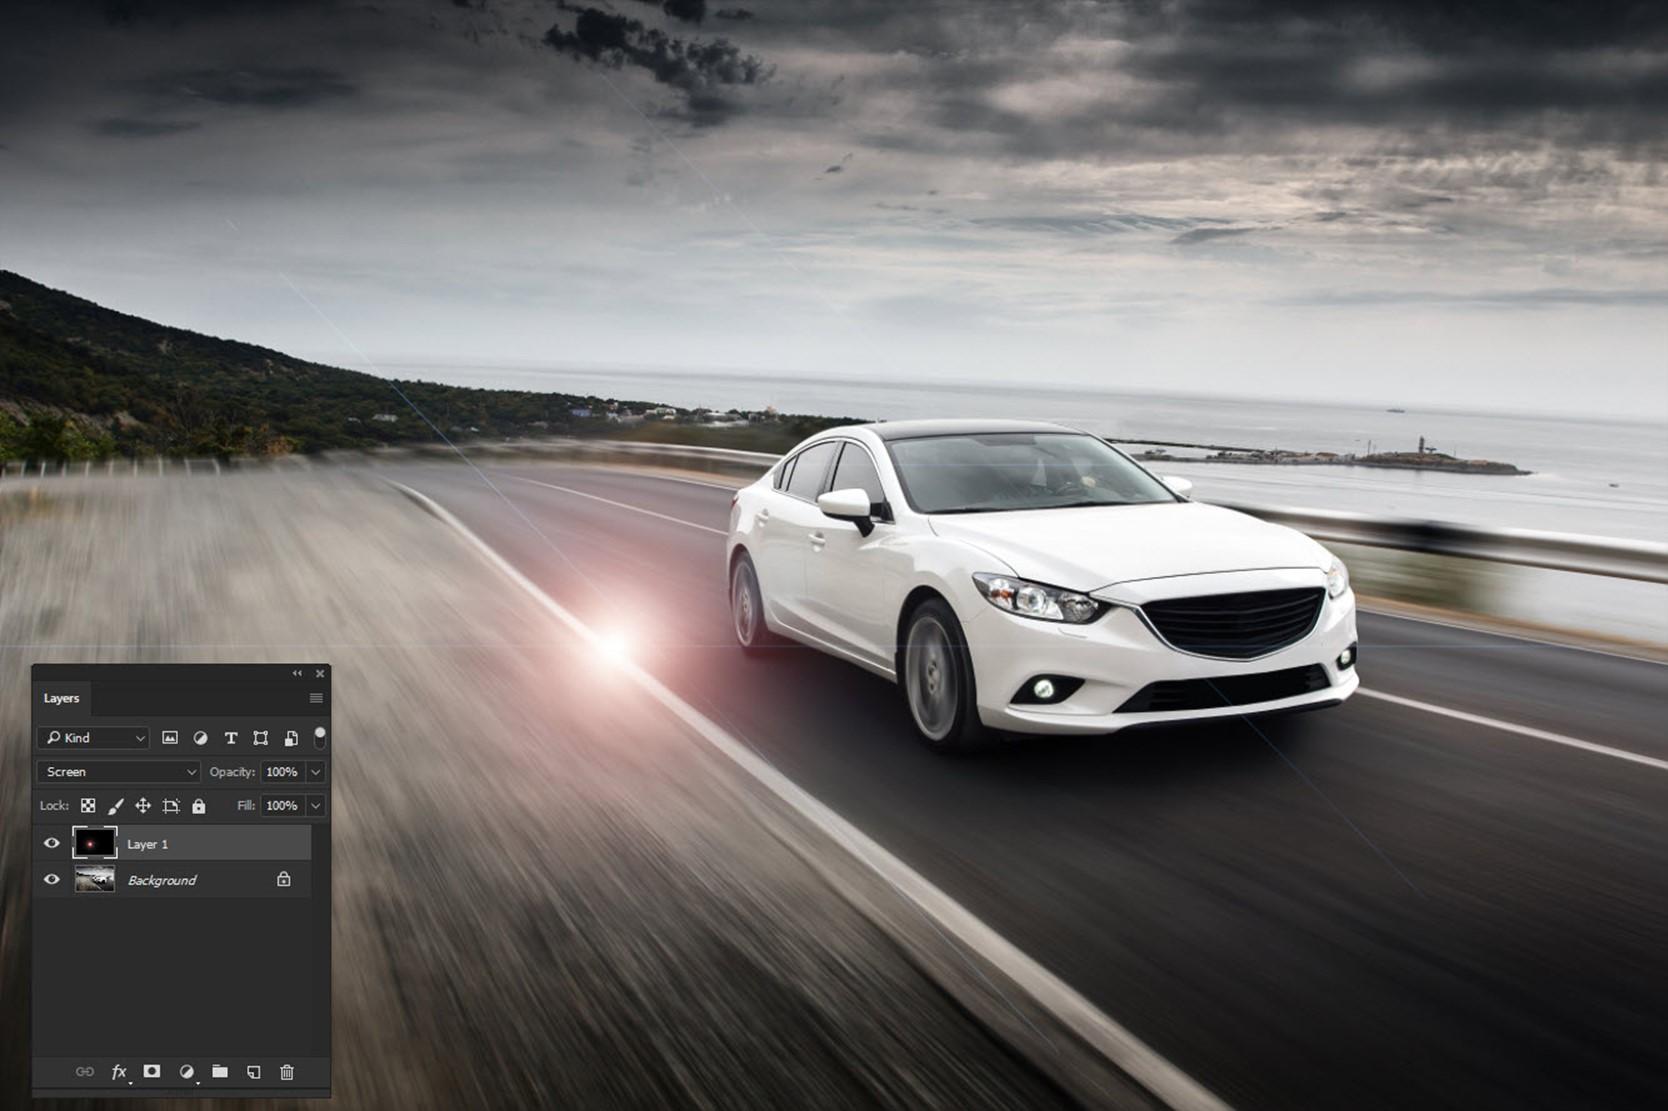 091017_1237_AddRealisti5 - Add Realistic Headlights in Car using Photoshop